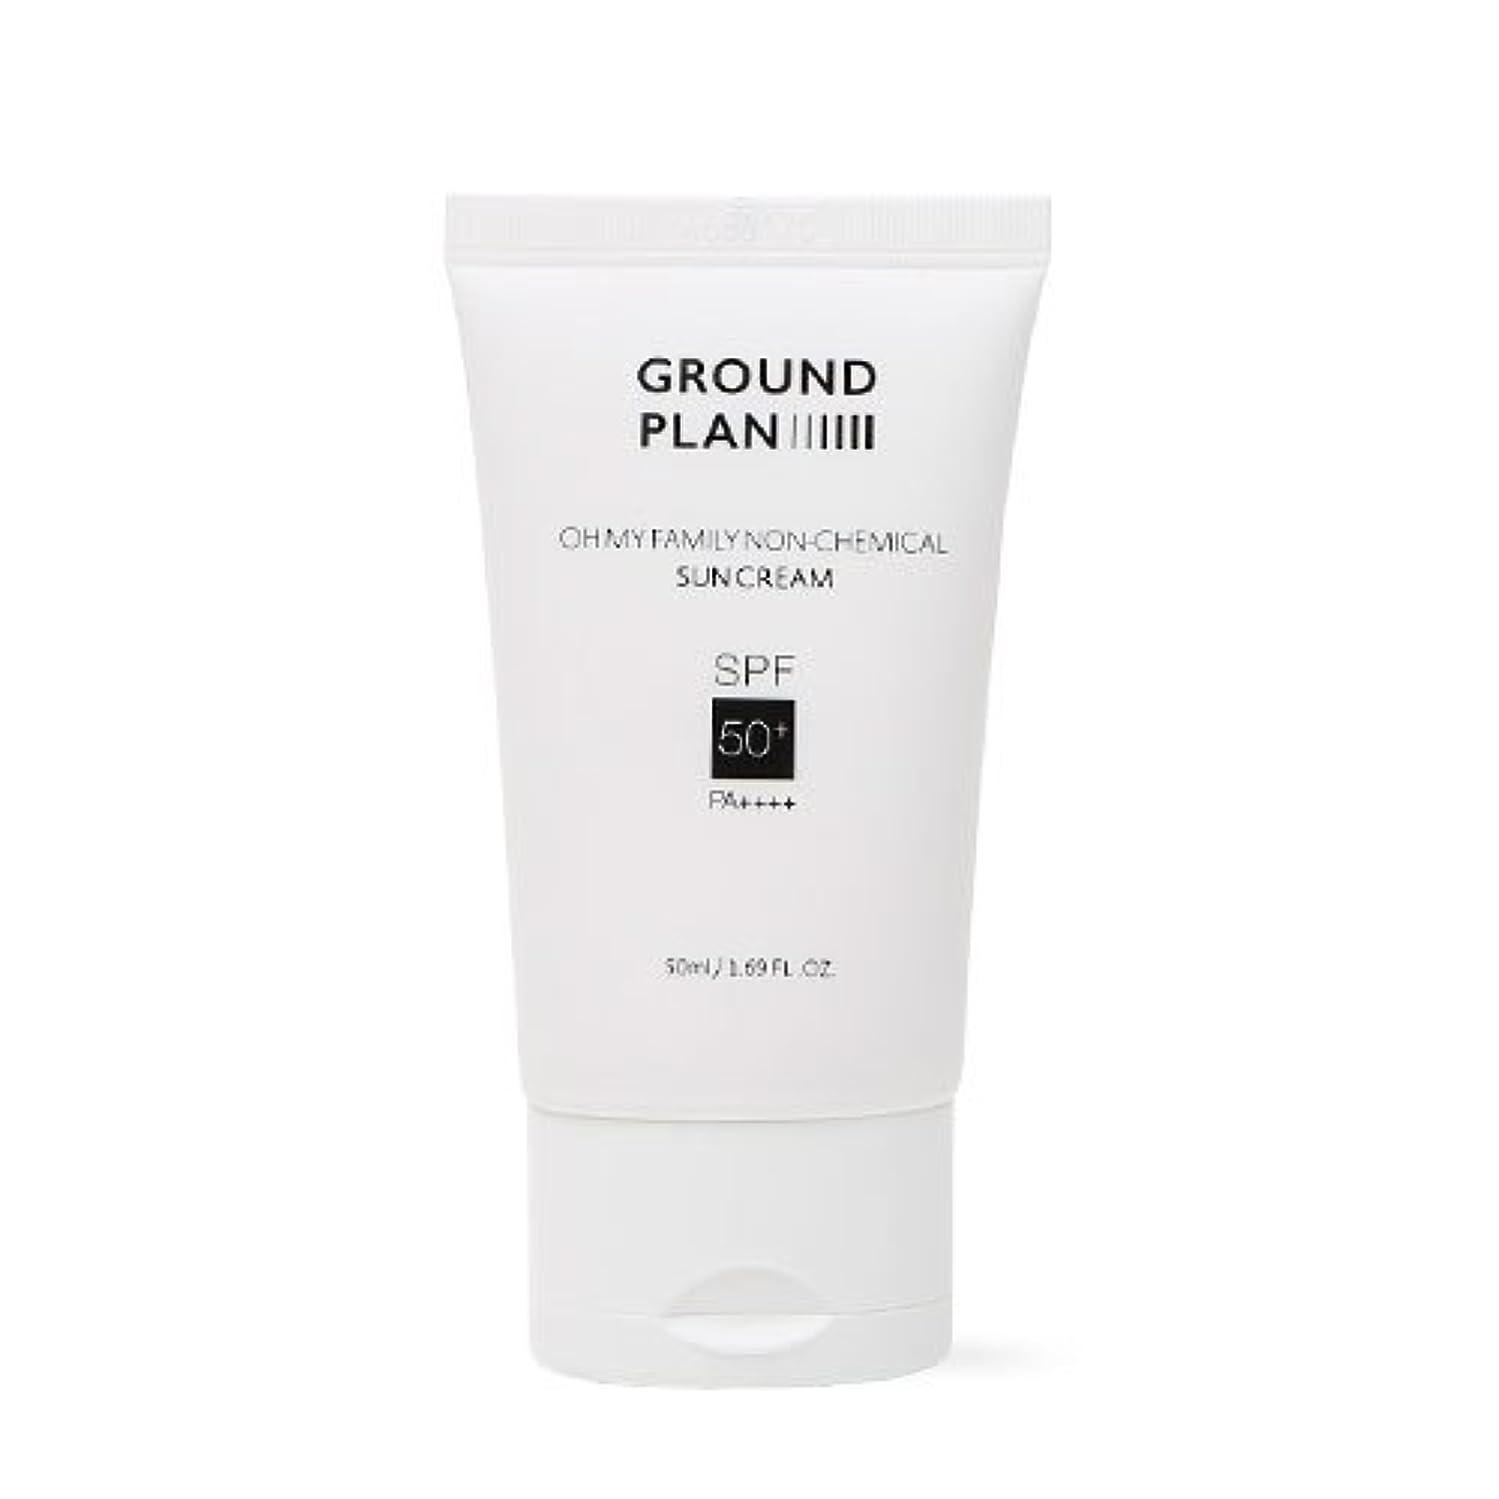 パキスタン待って叫び声[GROUND PLAN] Oh My Family Non-Chemical Sun Cream 50ml グラウンドプランファミリーノンケミカルサンクリーム [並行輸入品]